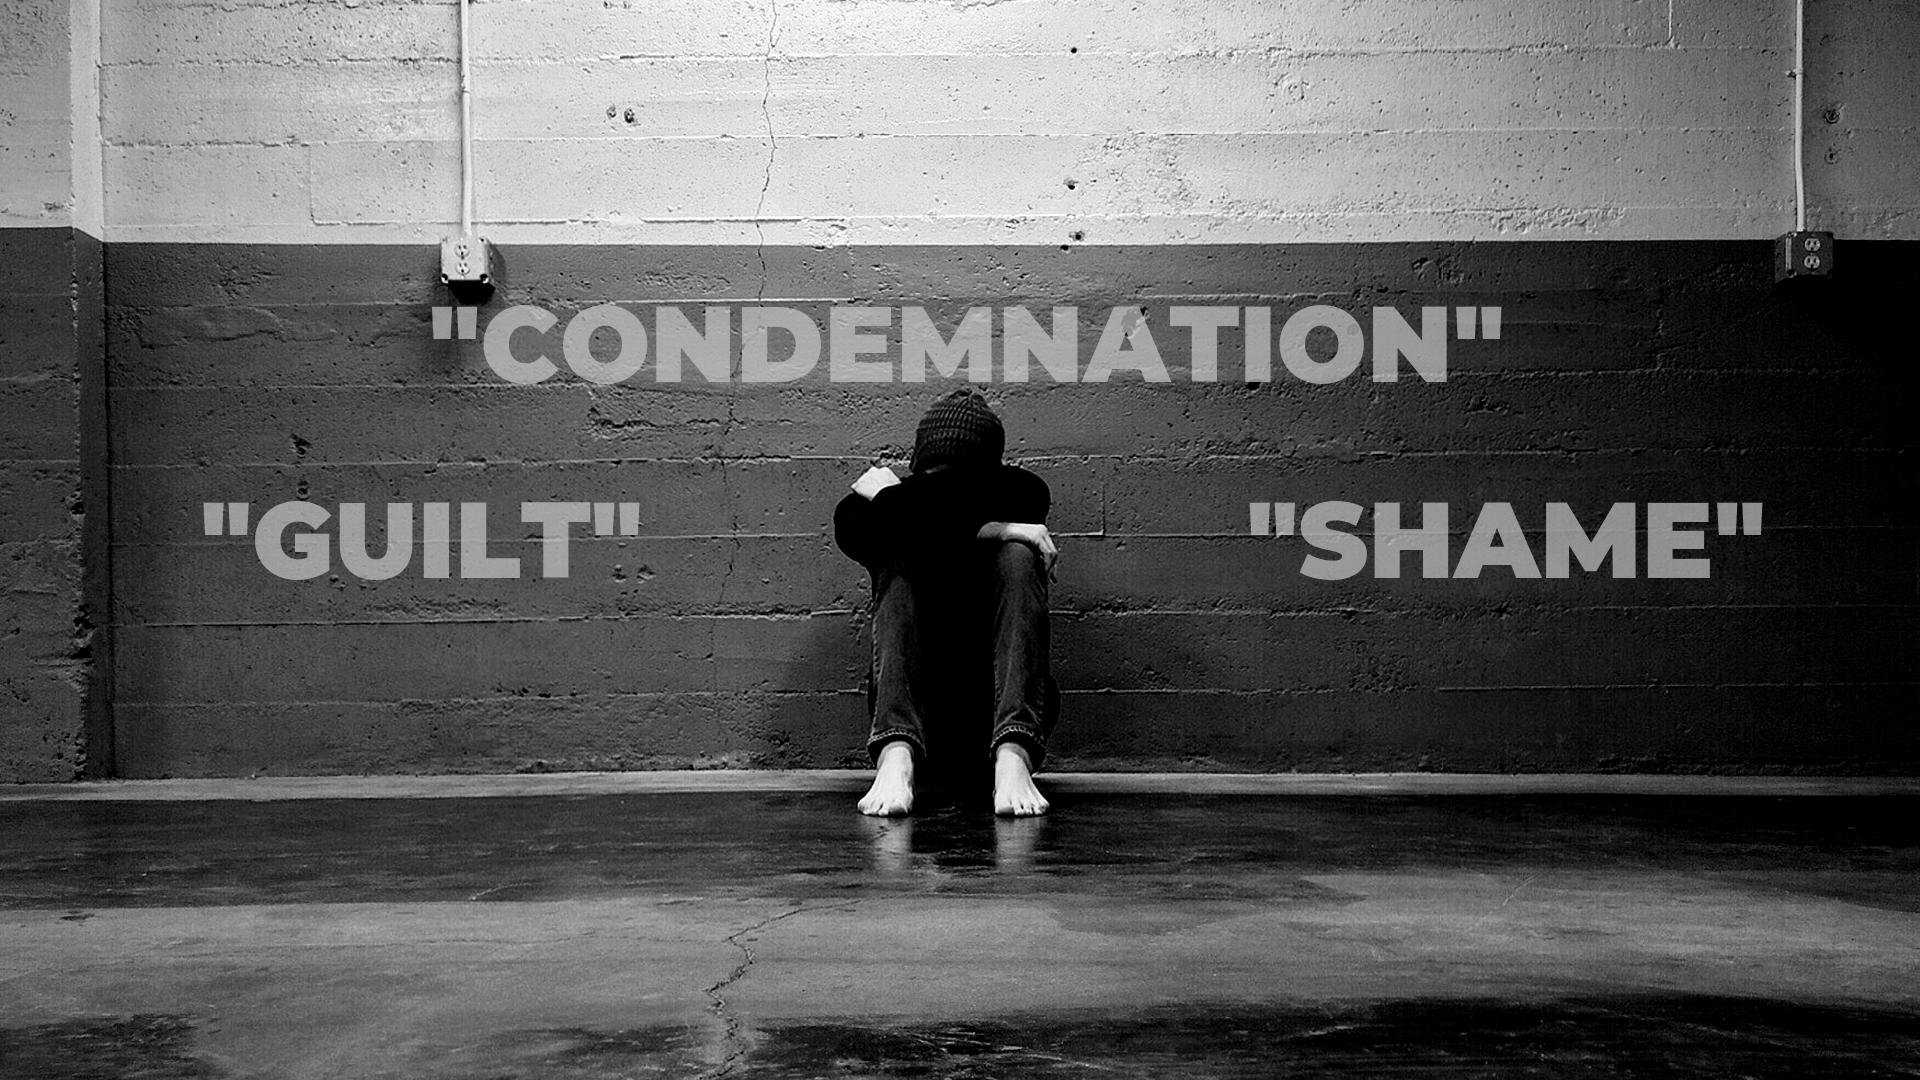 Guilt. Shame. Condemnation.